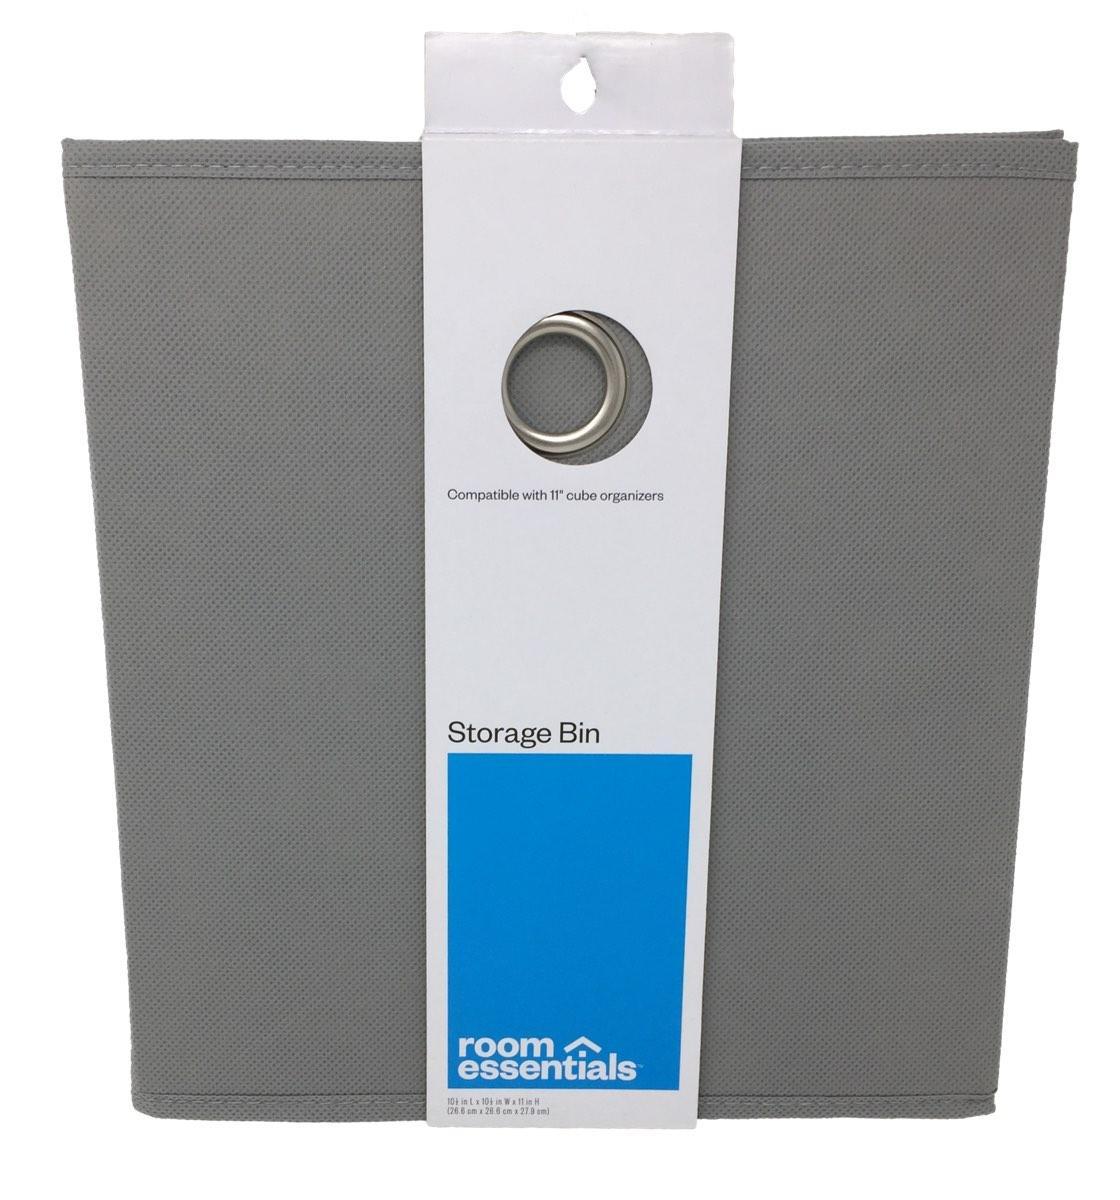 Fabric Storage Bin 11 Inch Cube Organizer